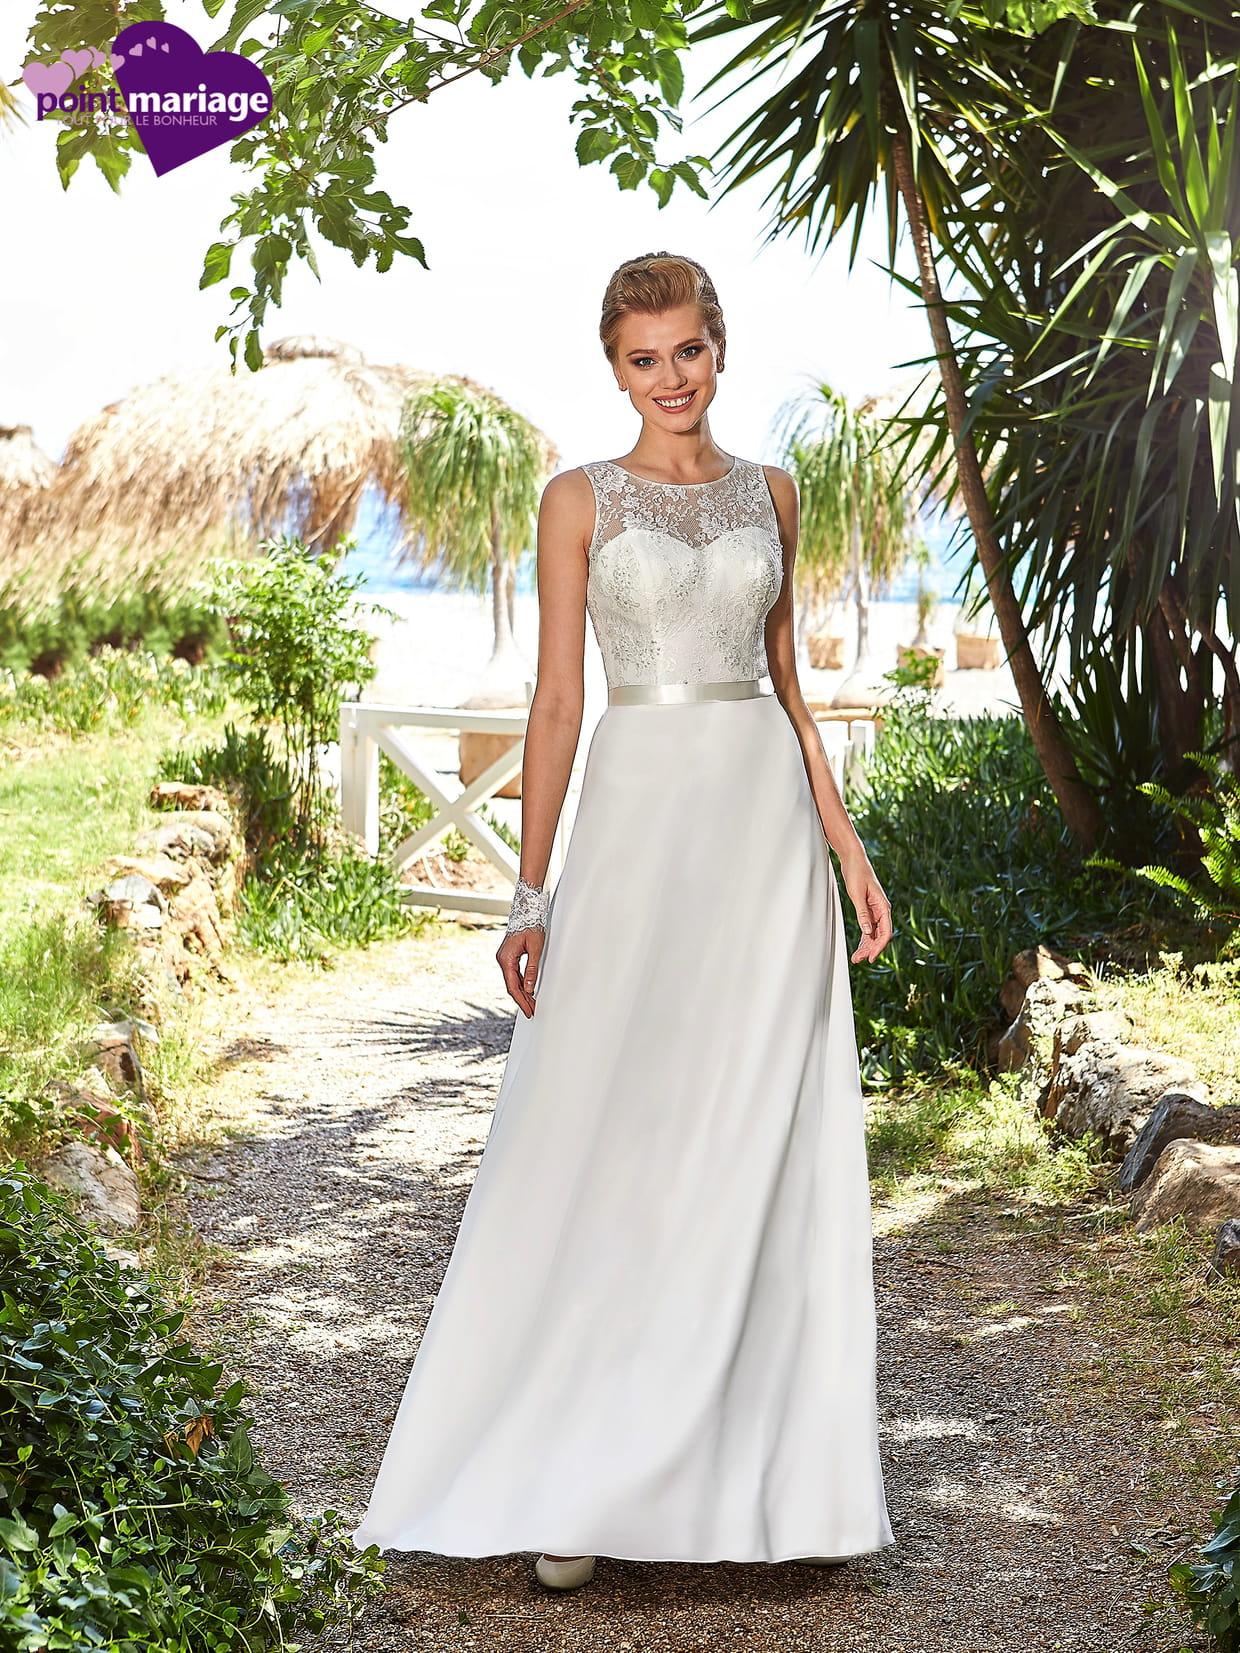 Robe de mari e riga point mariage for Robes d allure de mariage